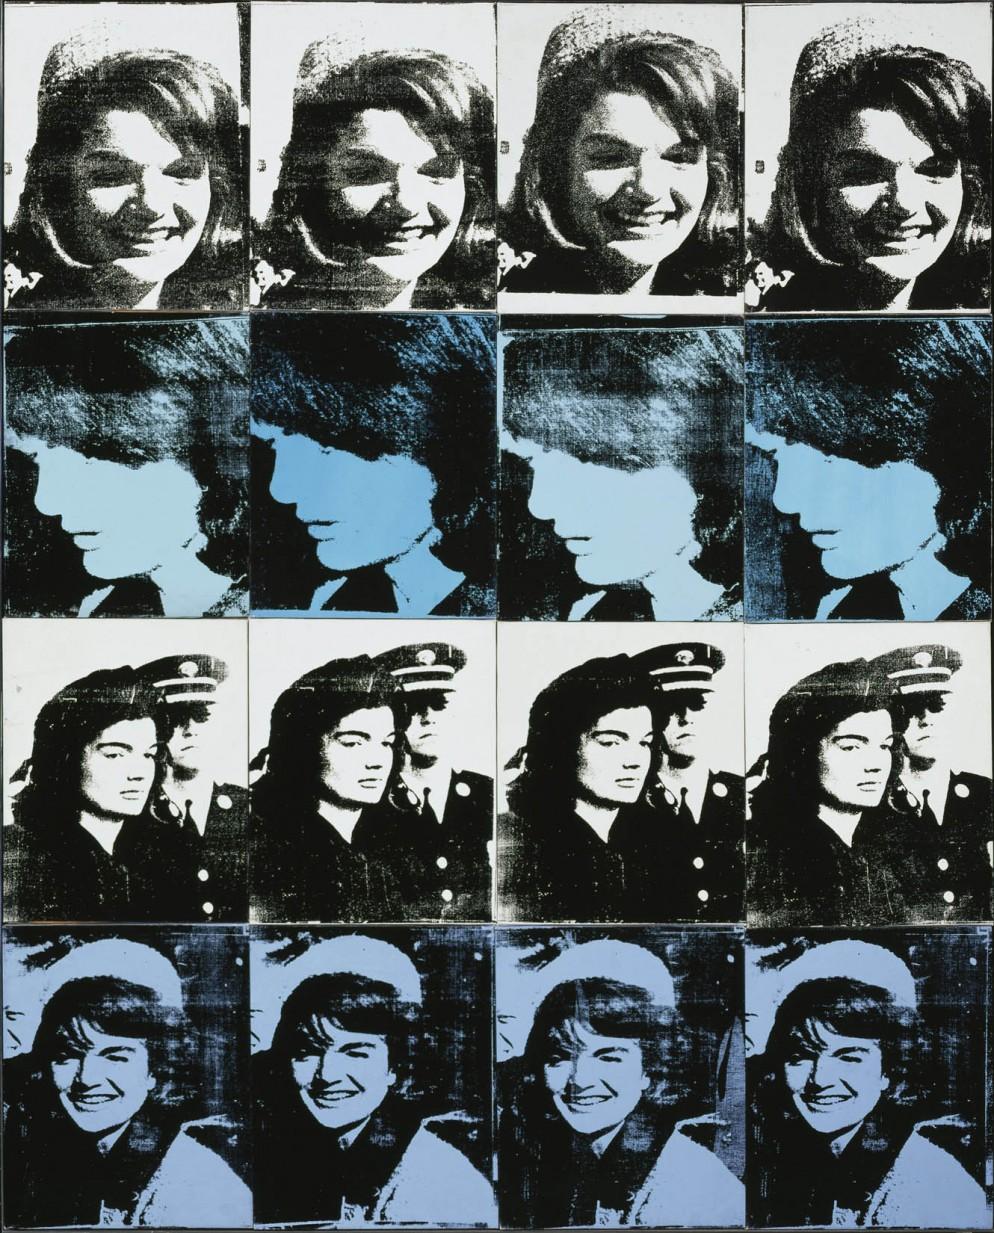 mostra-fotografia-palazzo-strozzi-american-art-1961-2001-12